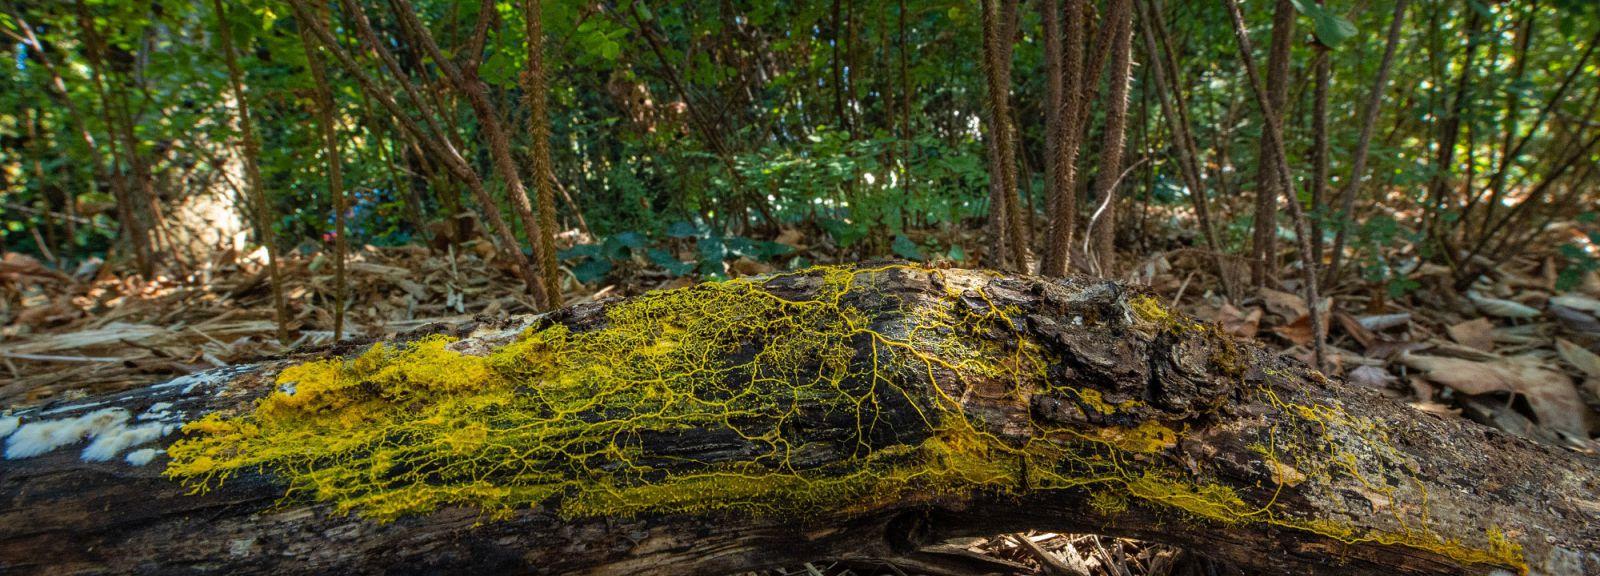 Blob sur un tronc d'arbre © MNHN - F.-G. Grandin